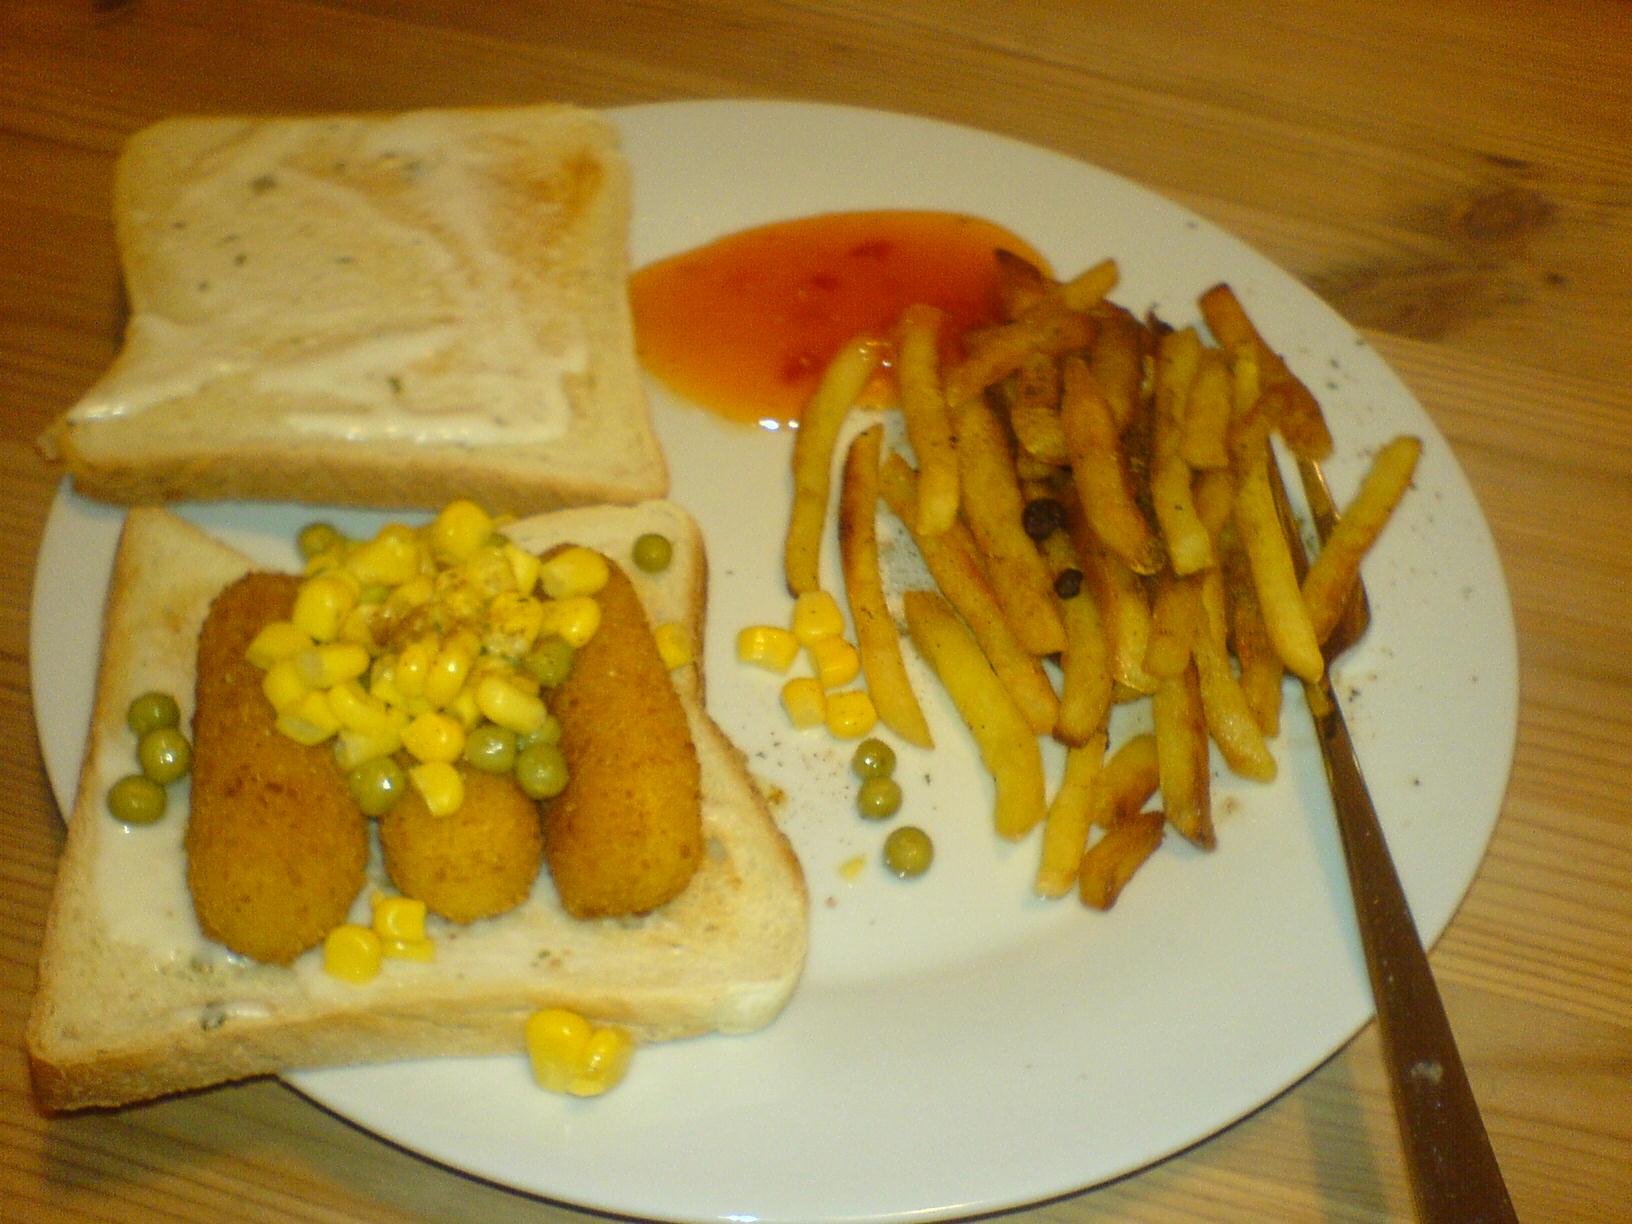 http://foodloader.net/Holz_2009-05-30_Frischkaese-Sticks_auf_Toast_mit_Pommes.jpg